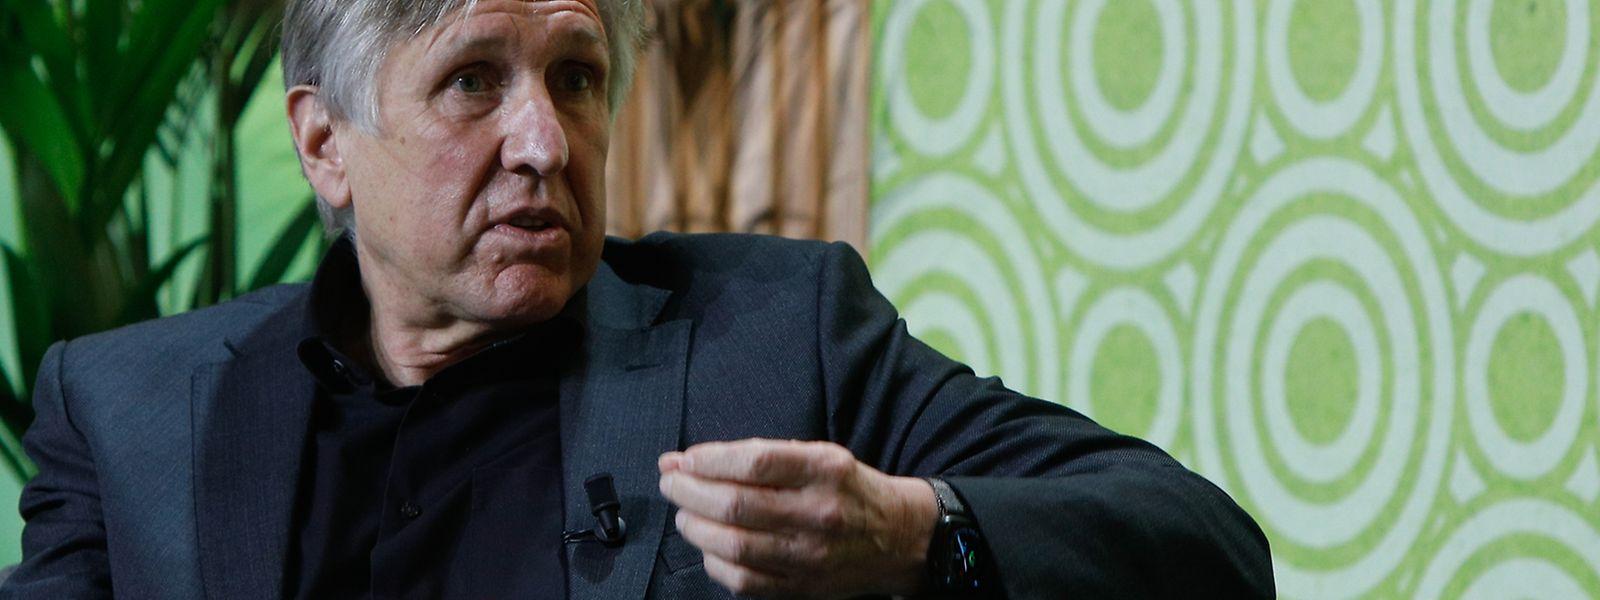 Der grüne Vize-Premier François Bausch gilt als gewiefter Fuchs wenn es darum geht, parteinahe Persönlichkeiten in wichtige öffentliche Ämter zu bugsieren.